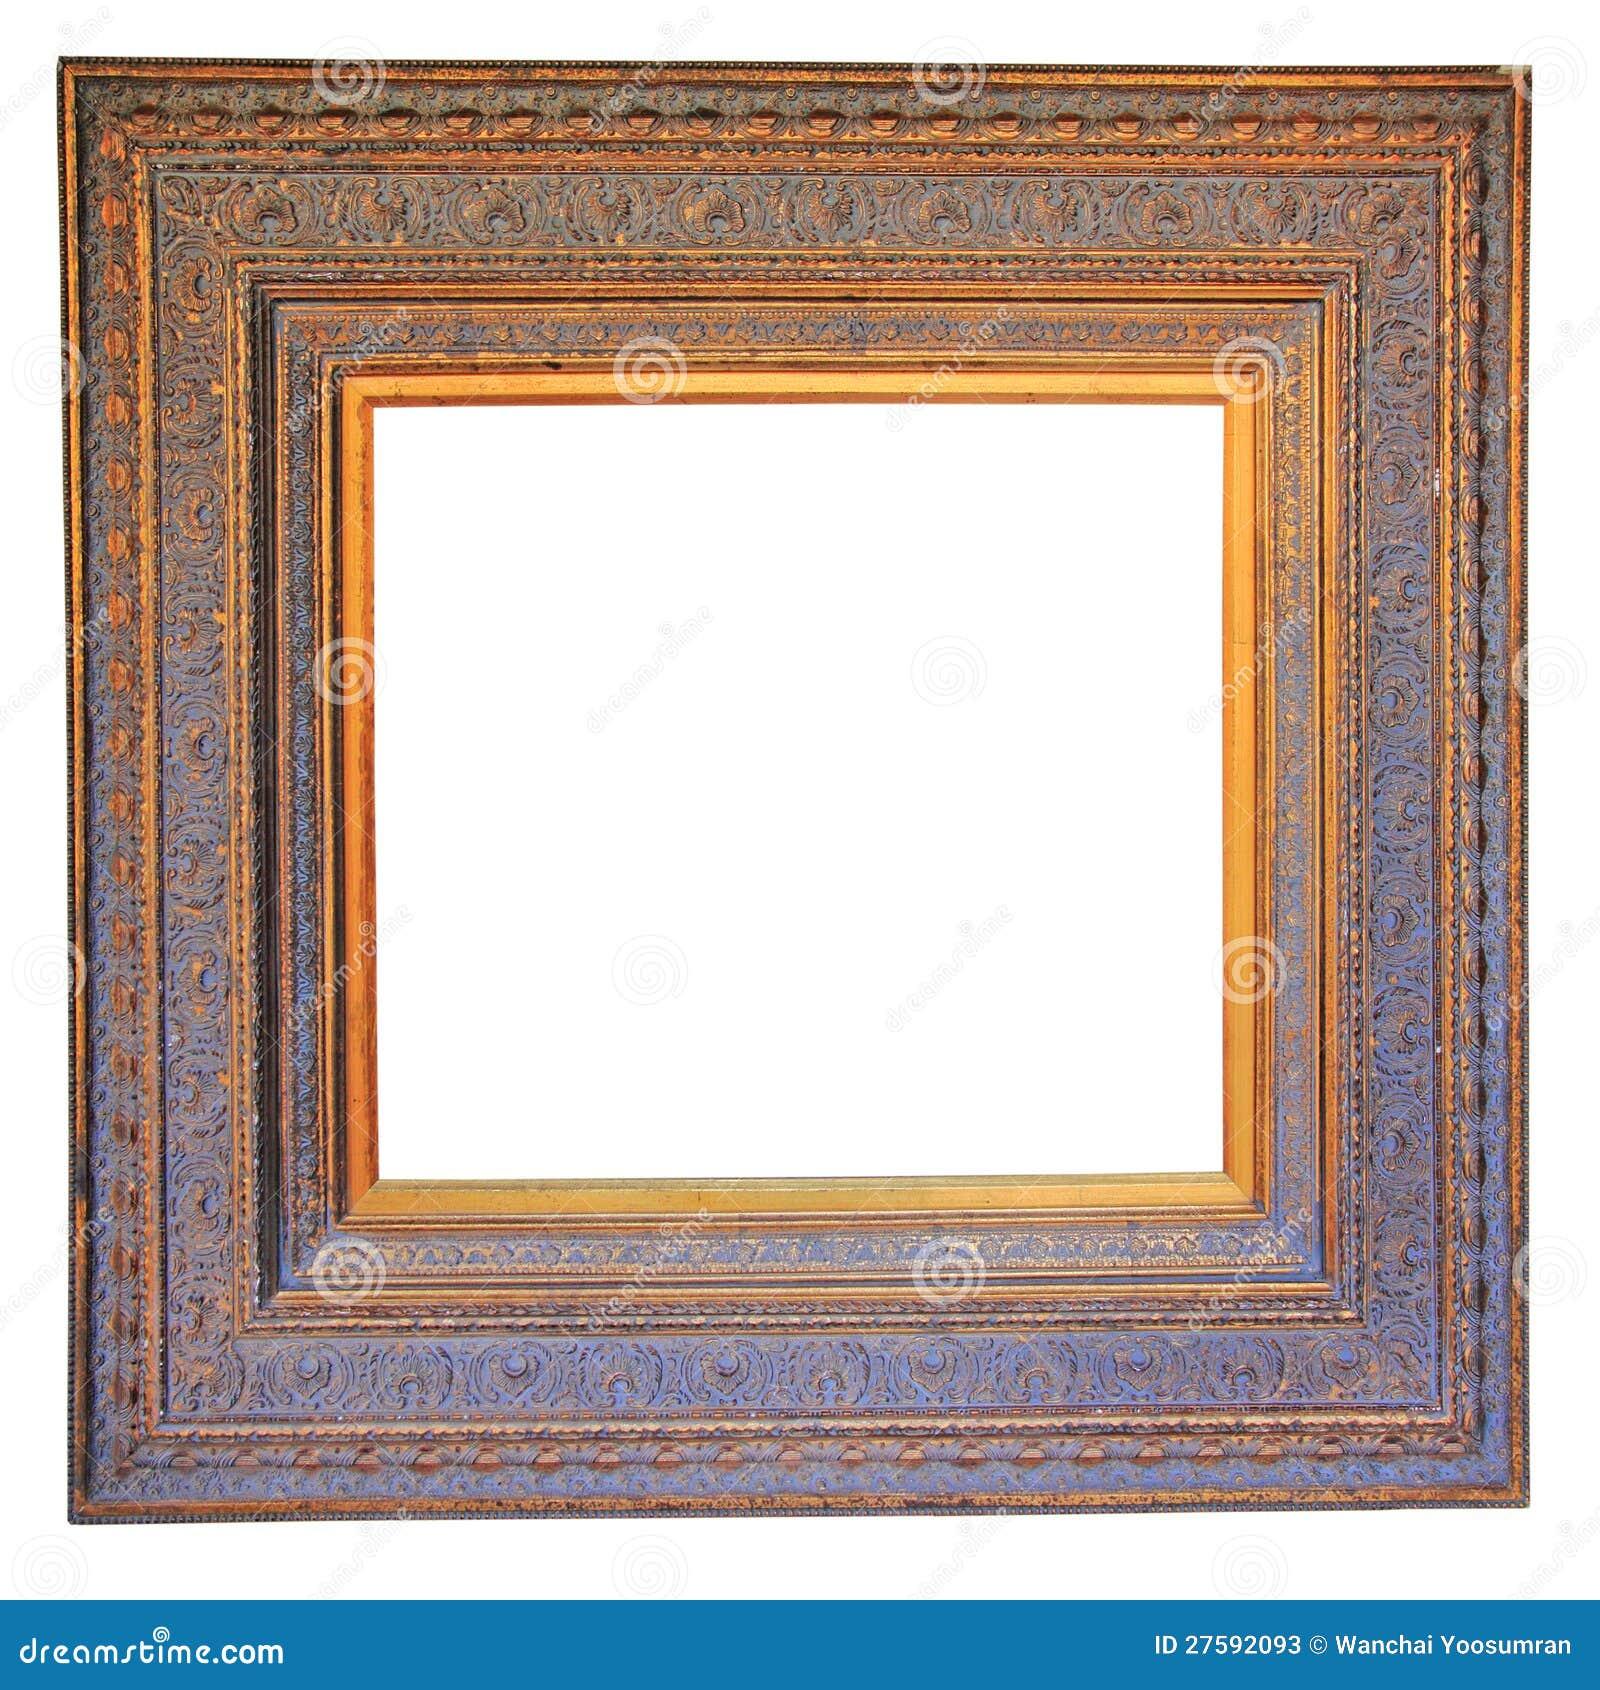 Vintage Wood Frame : More similar stock images of ` Vintage wood photo frame `